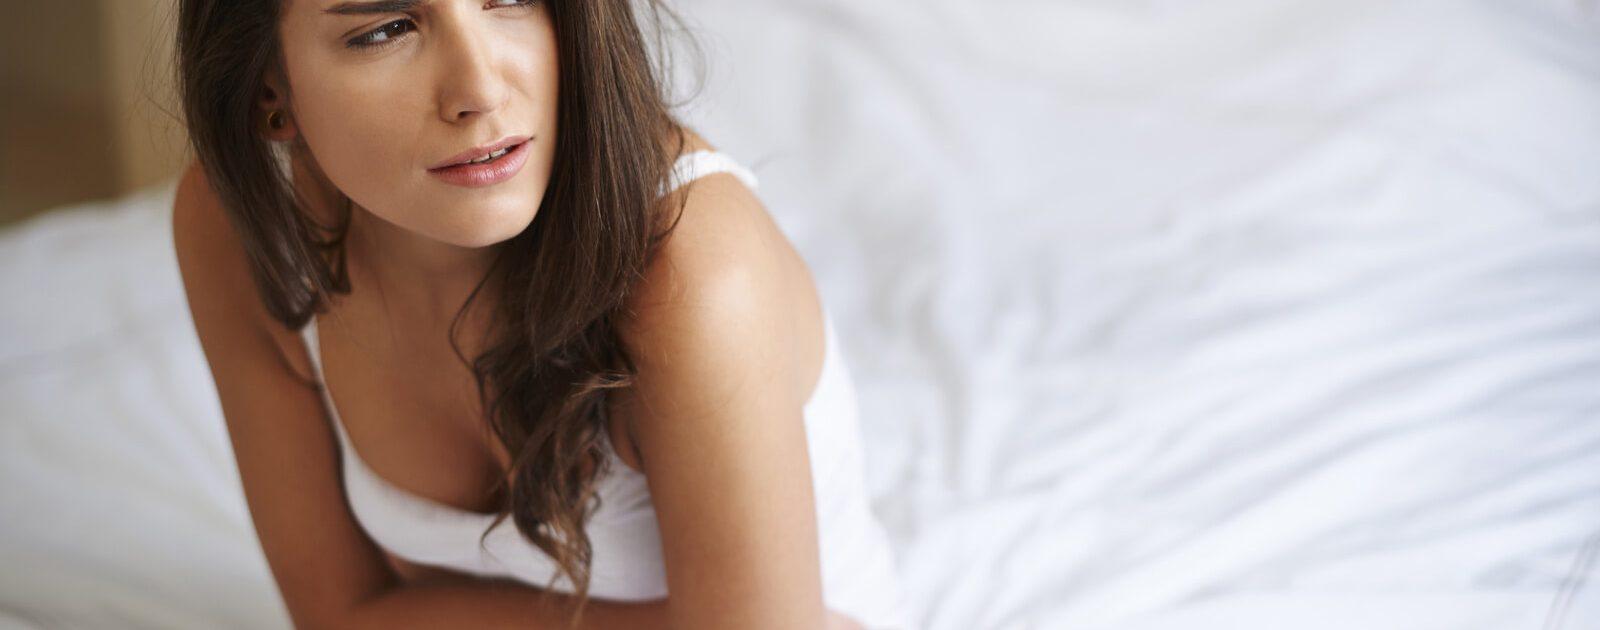 Frau hält sich den Bauch da sie unter Morgenübelkeit leidet.